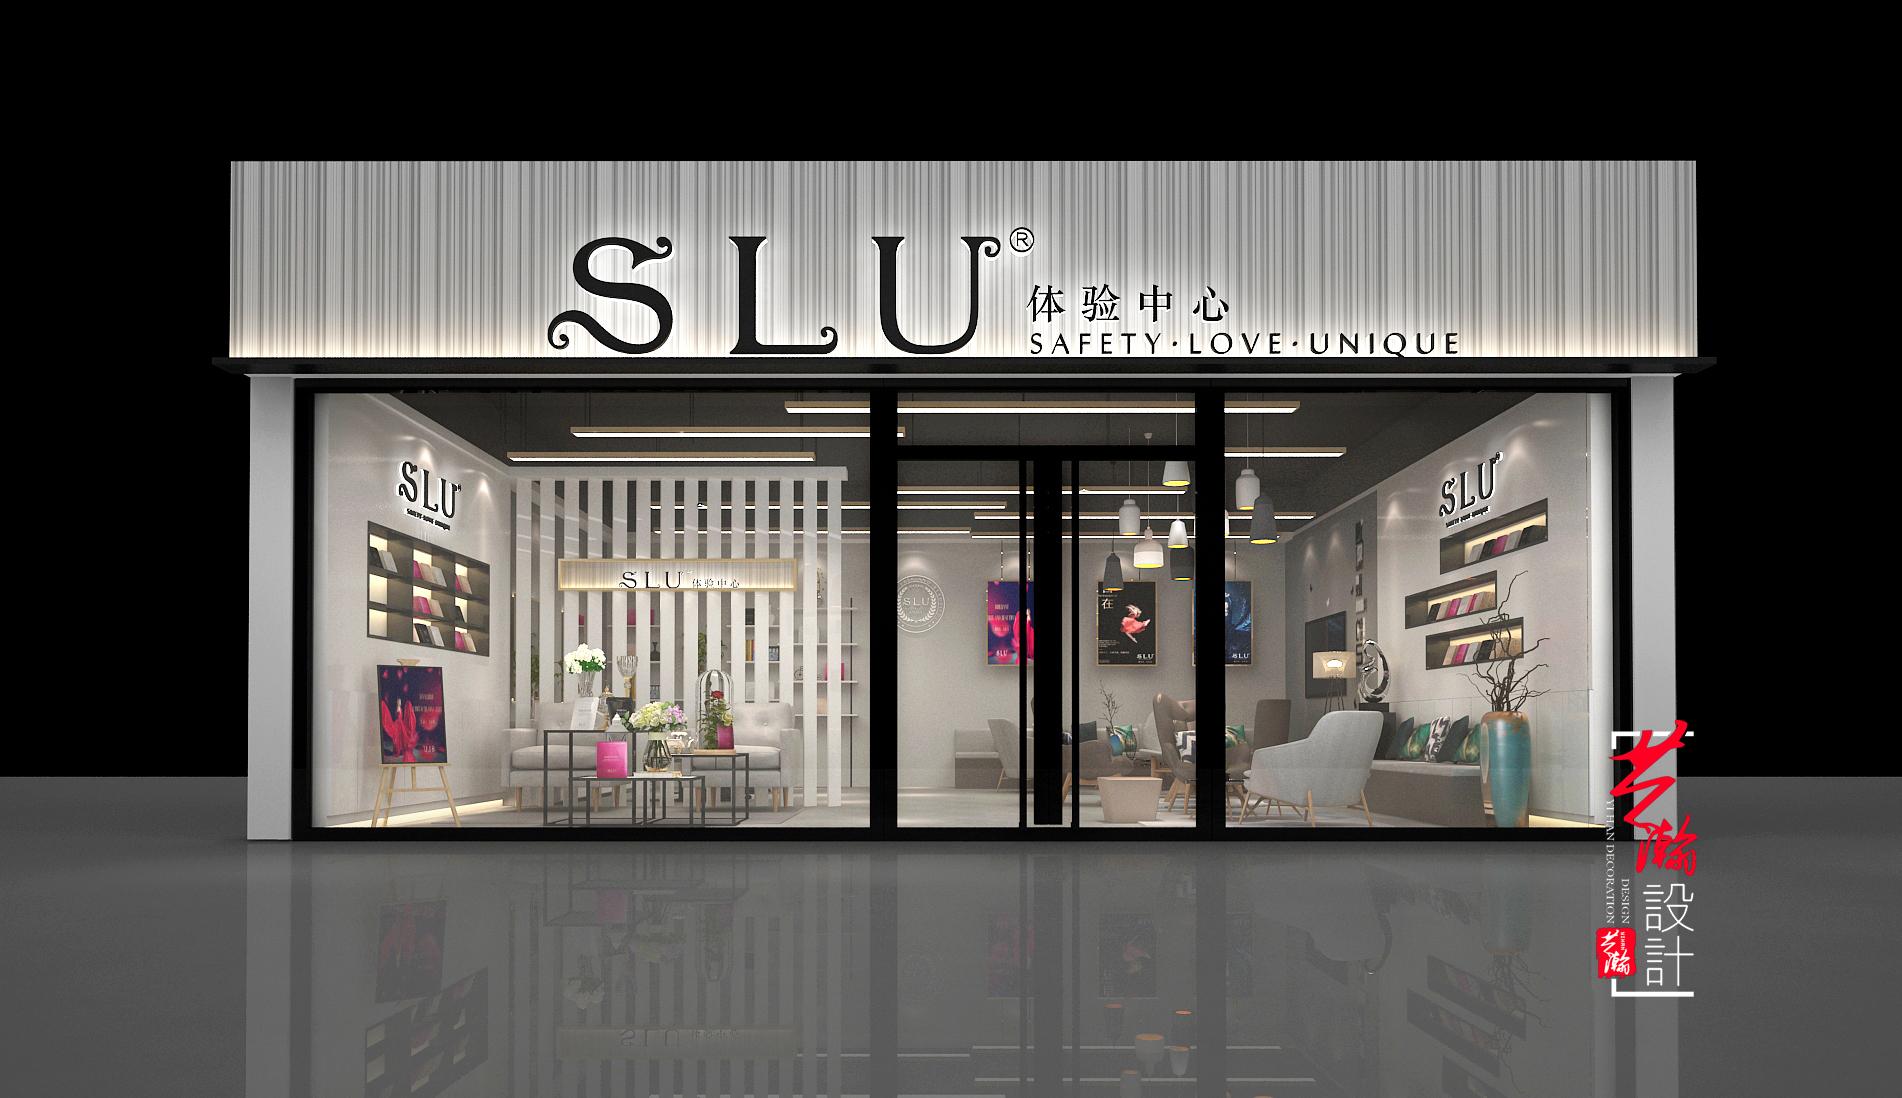 美容院效果图设计化妆品理发店铺装修设计美甲美发店效果室内设计